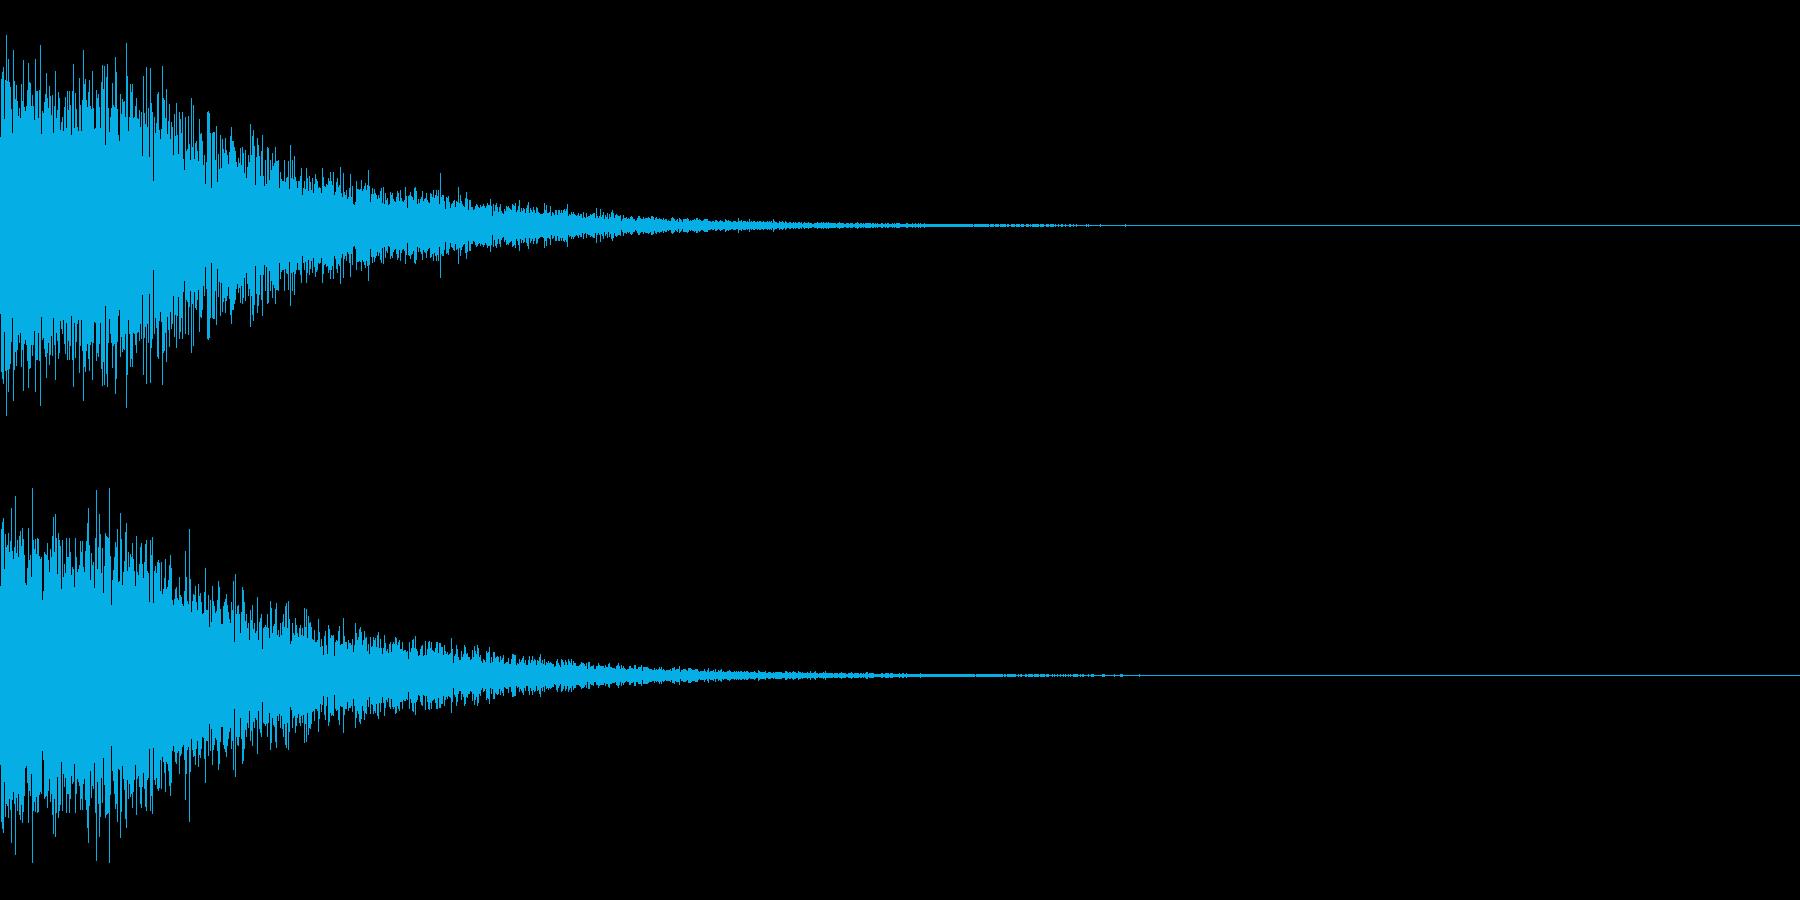 響き渡る銃声の再生済みの波形